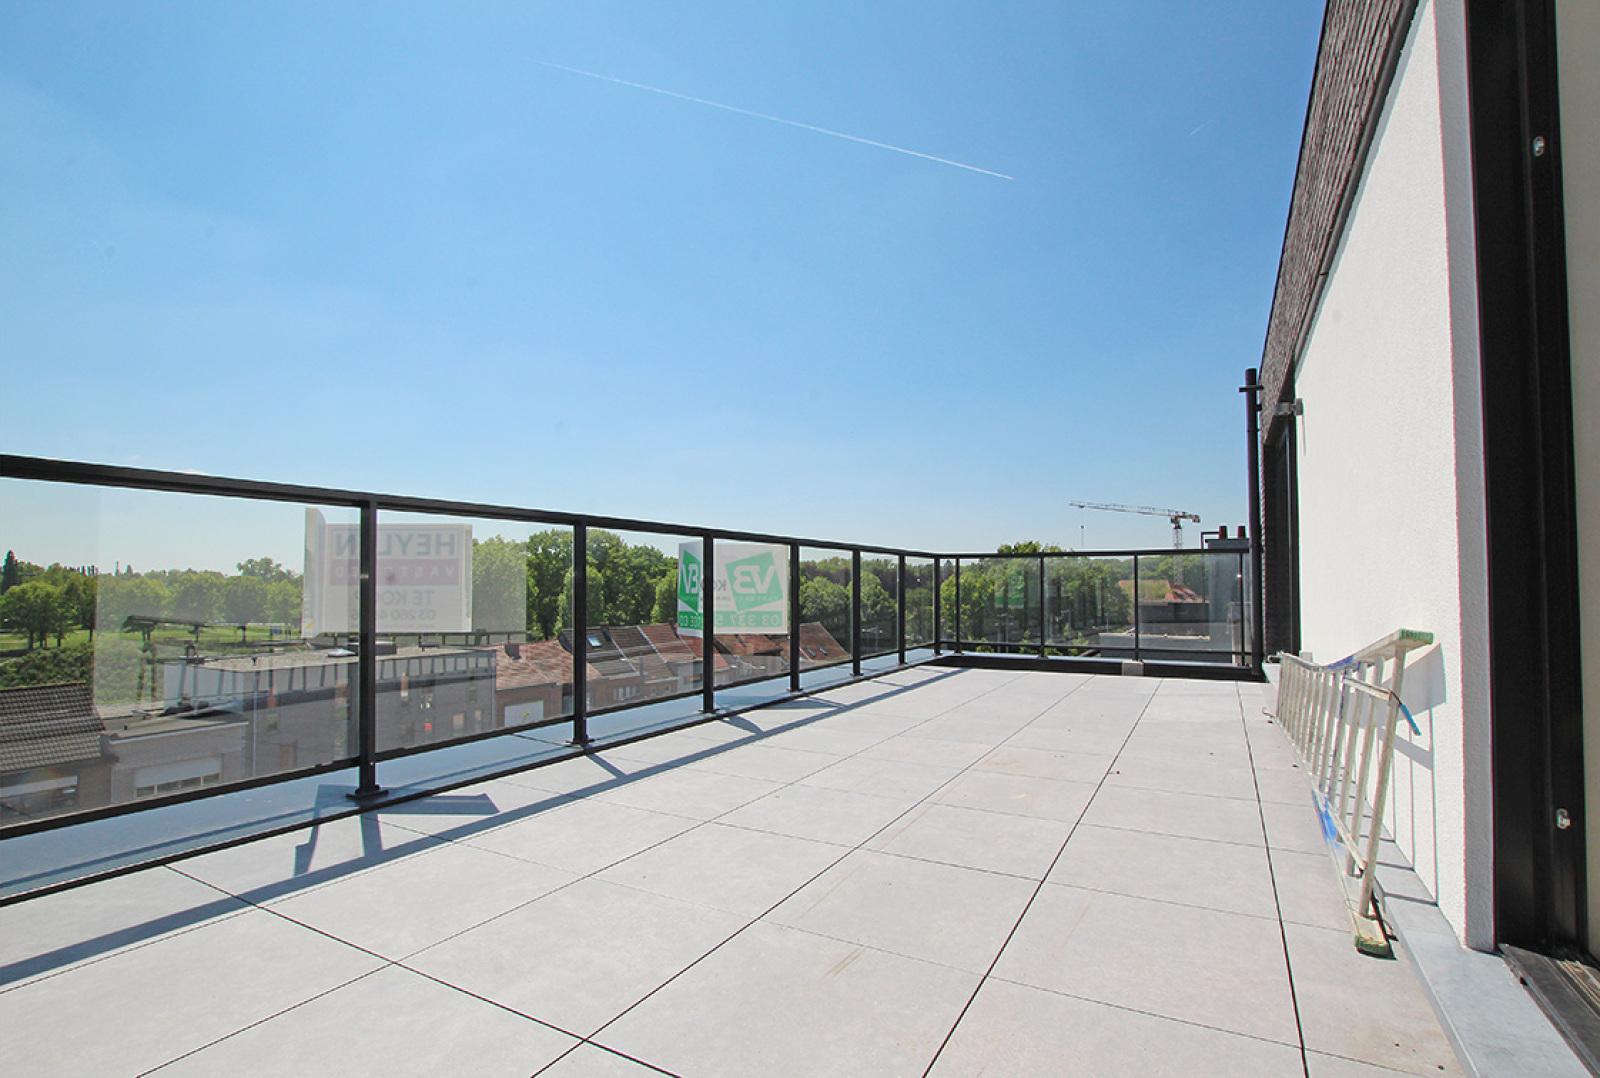 Prachtig dakappartement met maar liefst 2 ruime terrassen op gegeerde locatie! afbeelding 2